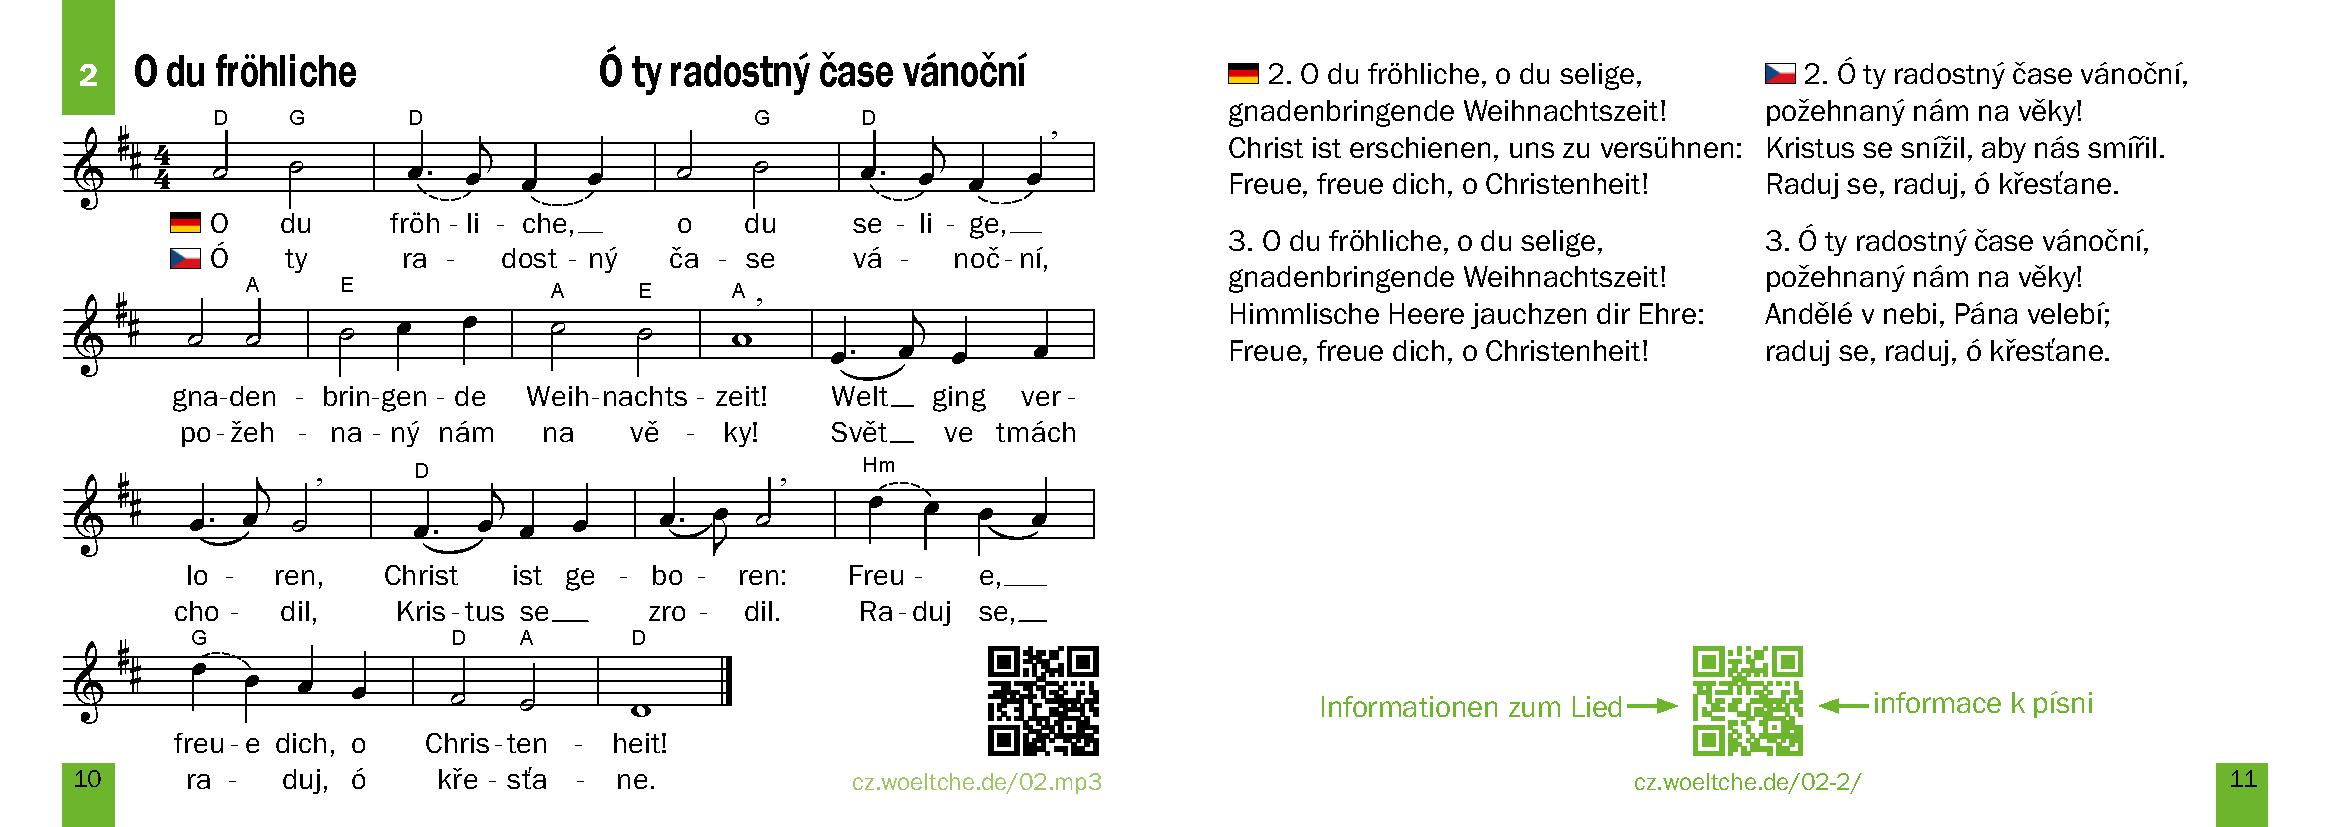 Weihnachtslieder – Vánoční písně a koledy – interaktiv – interaktivní